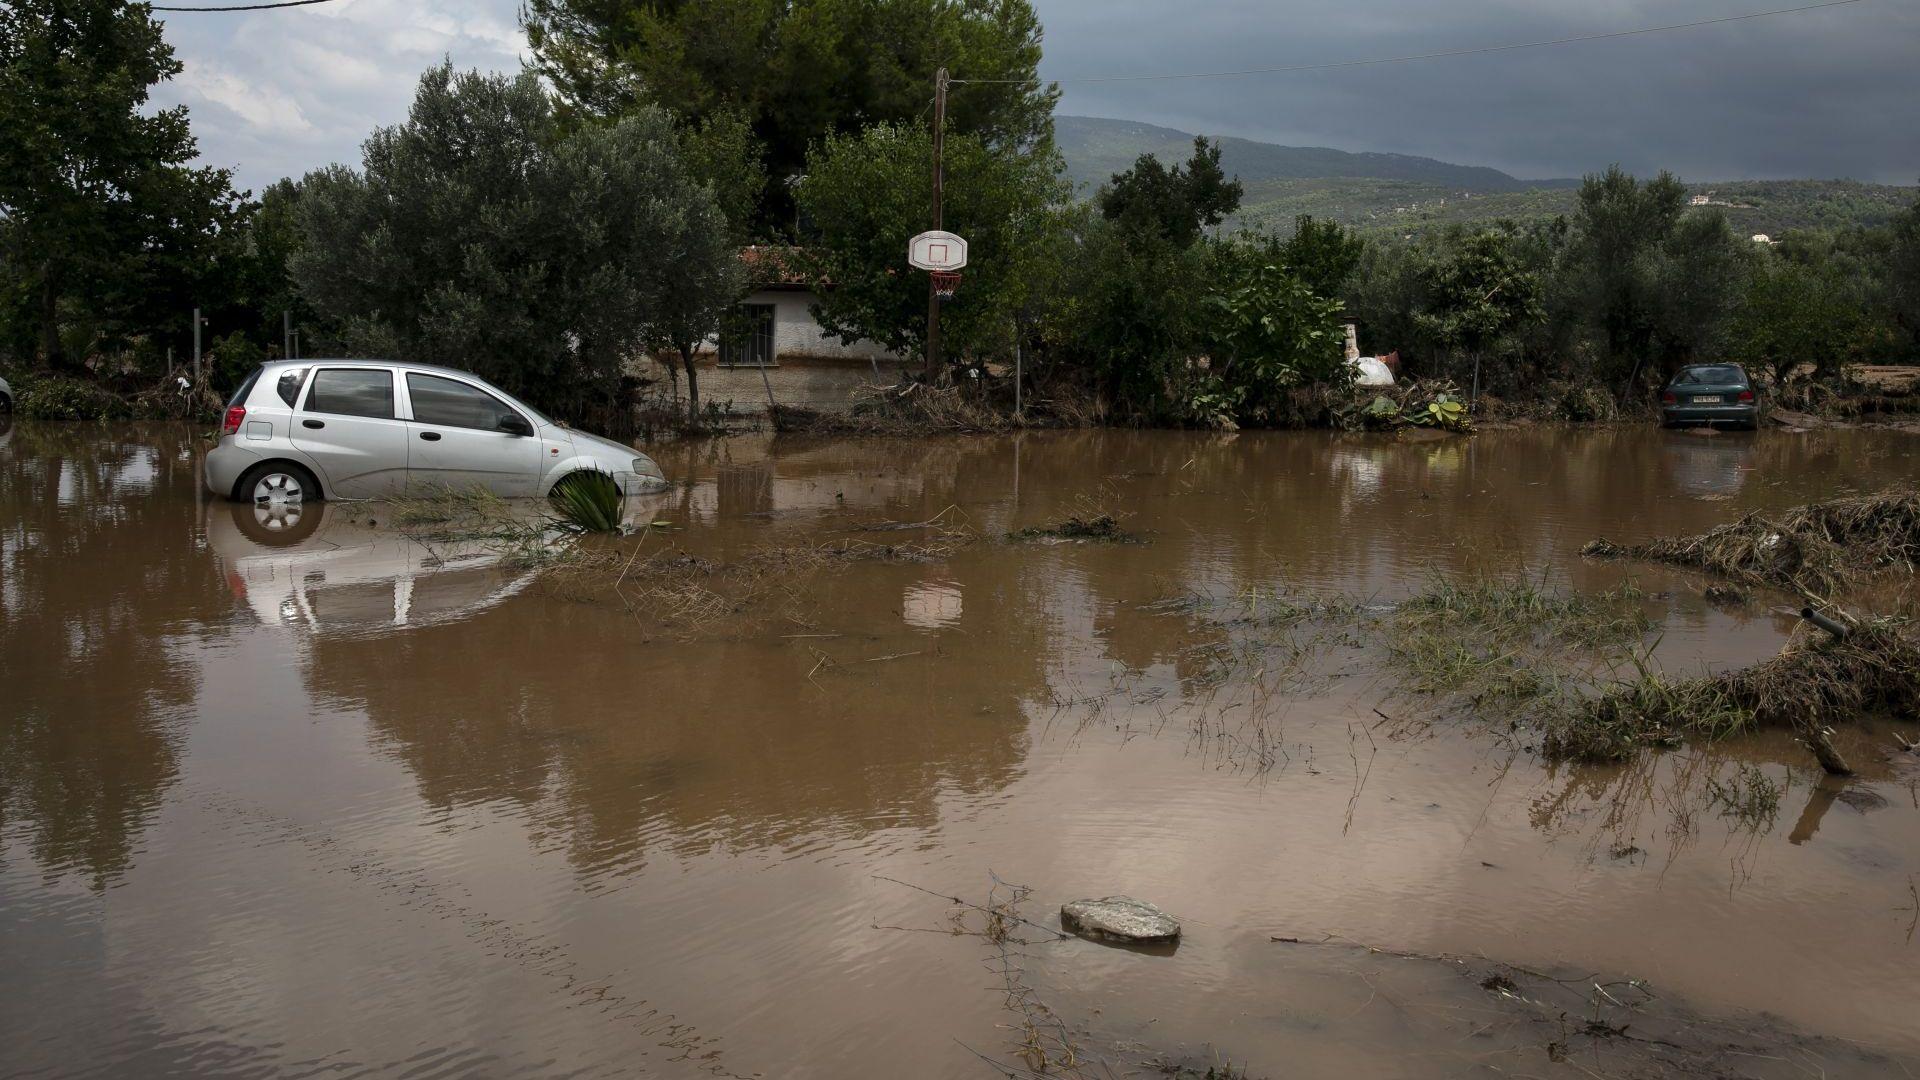 Най-малко 7 са загиналите при наводненията на гръцкия остров Евбея